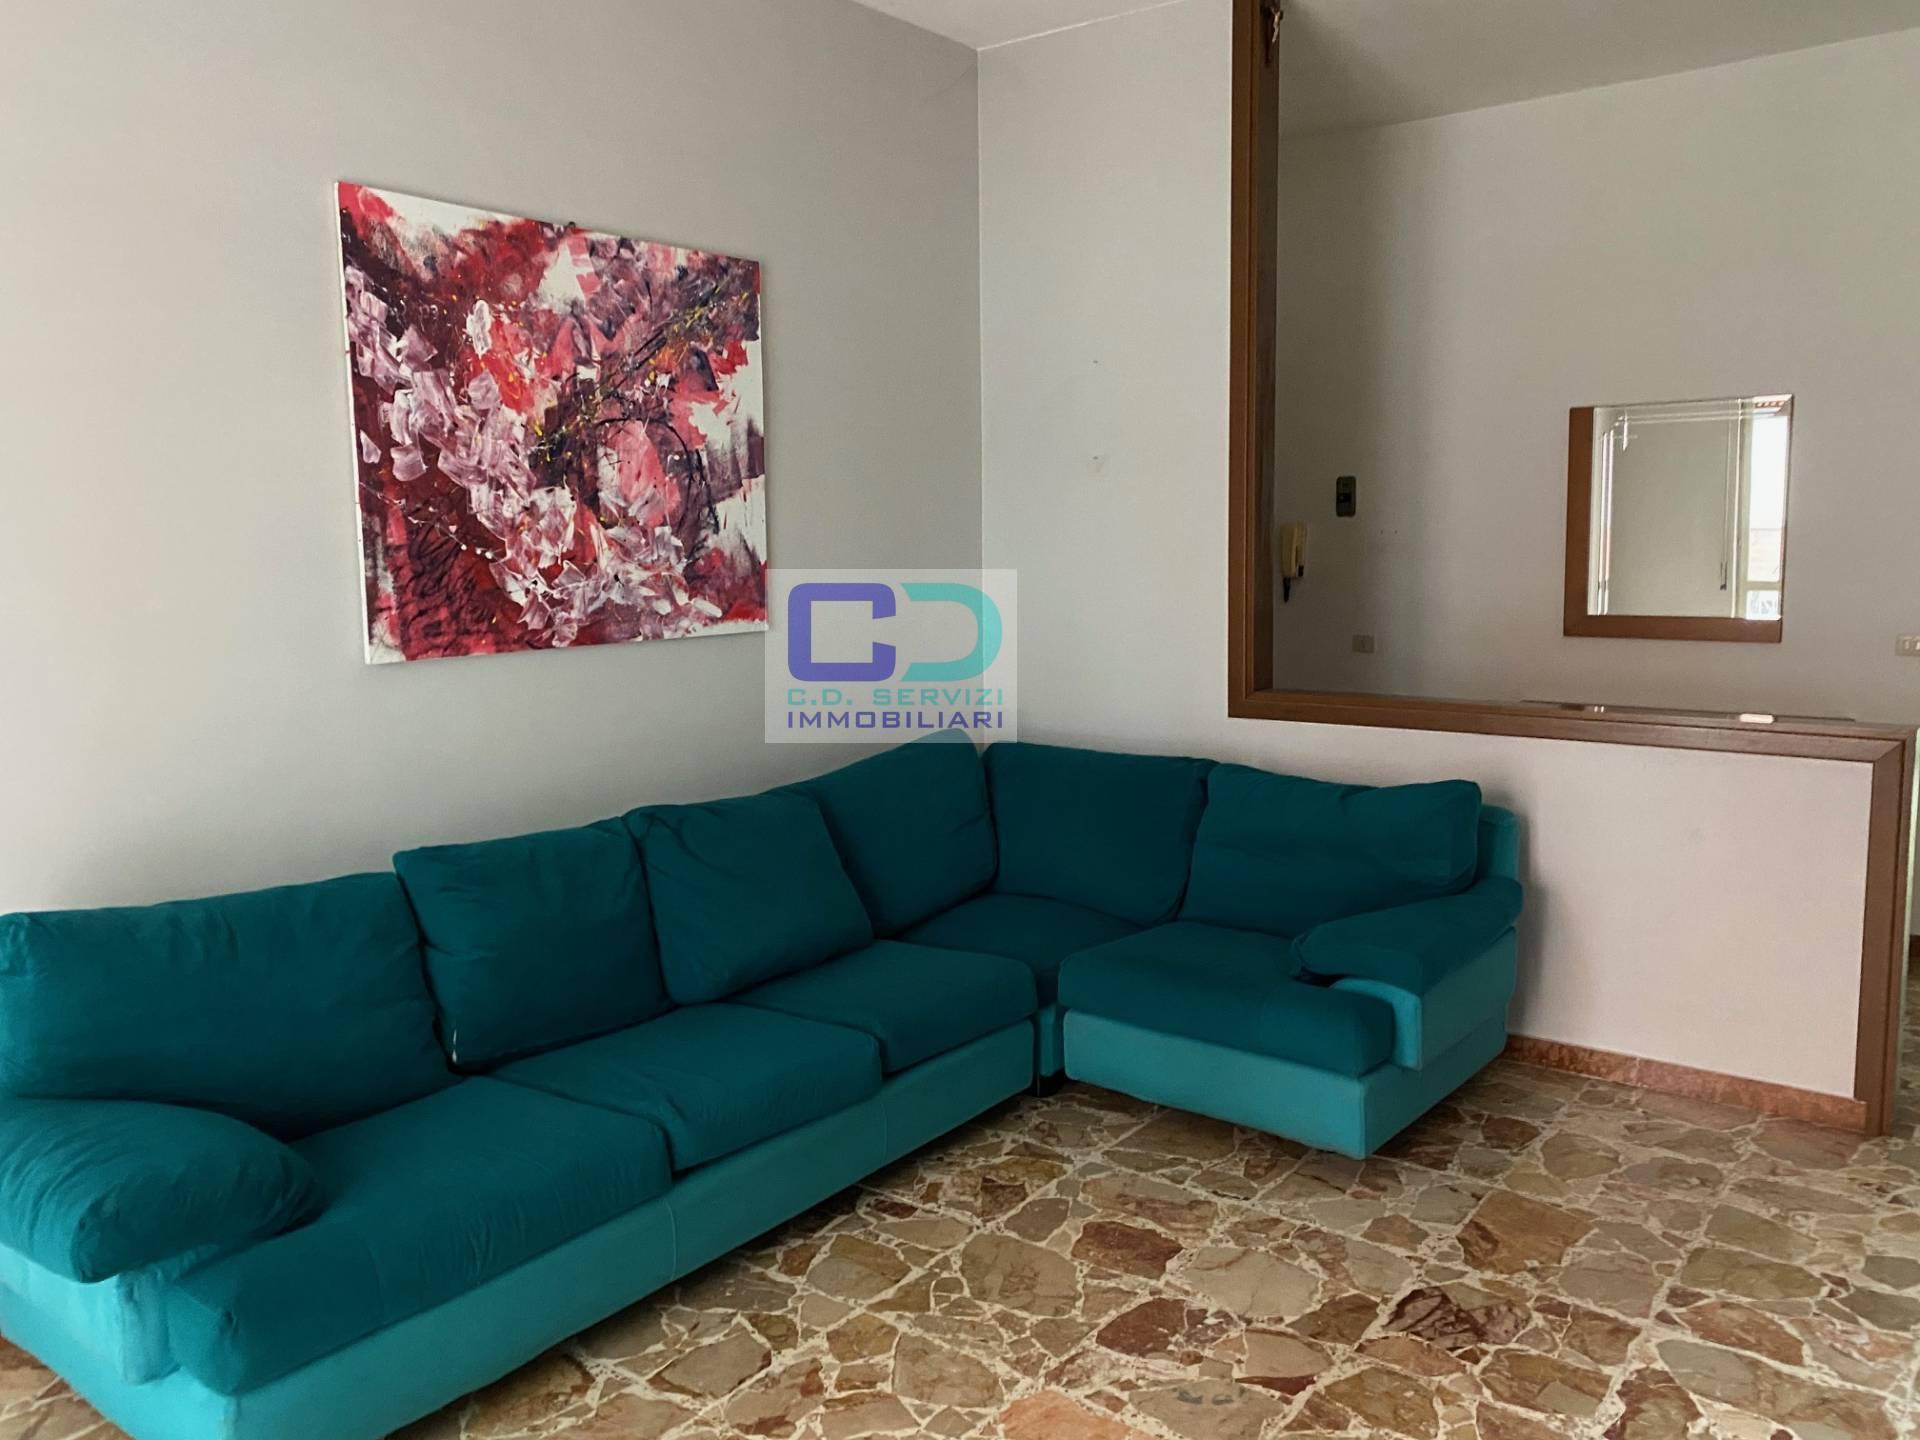 Appartamento in vendita a Cassano d'Adda, 3 locali, prezzo € 90.000 | CambioCasa.it